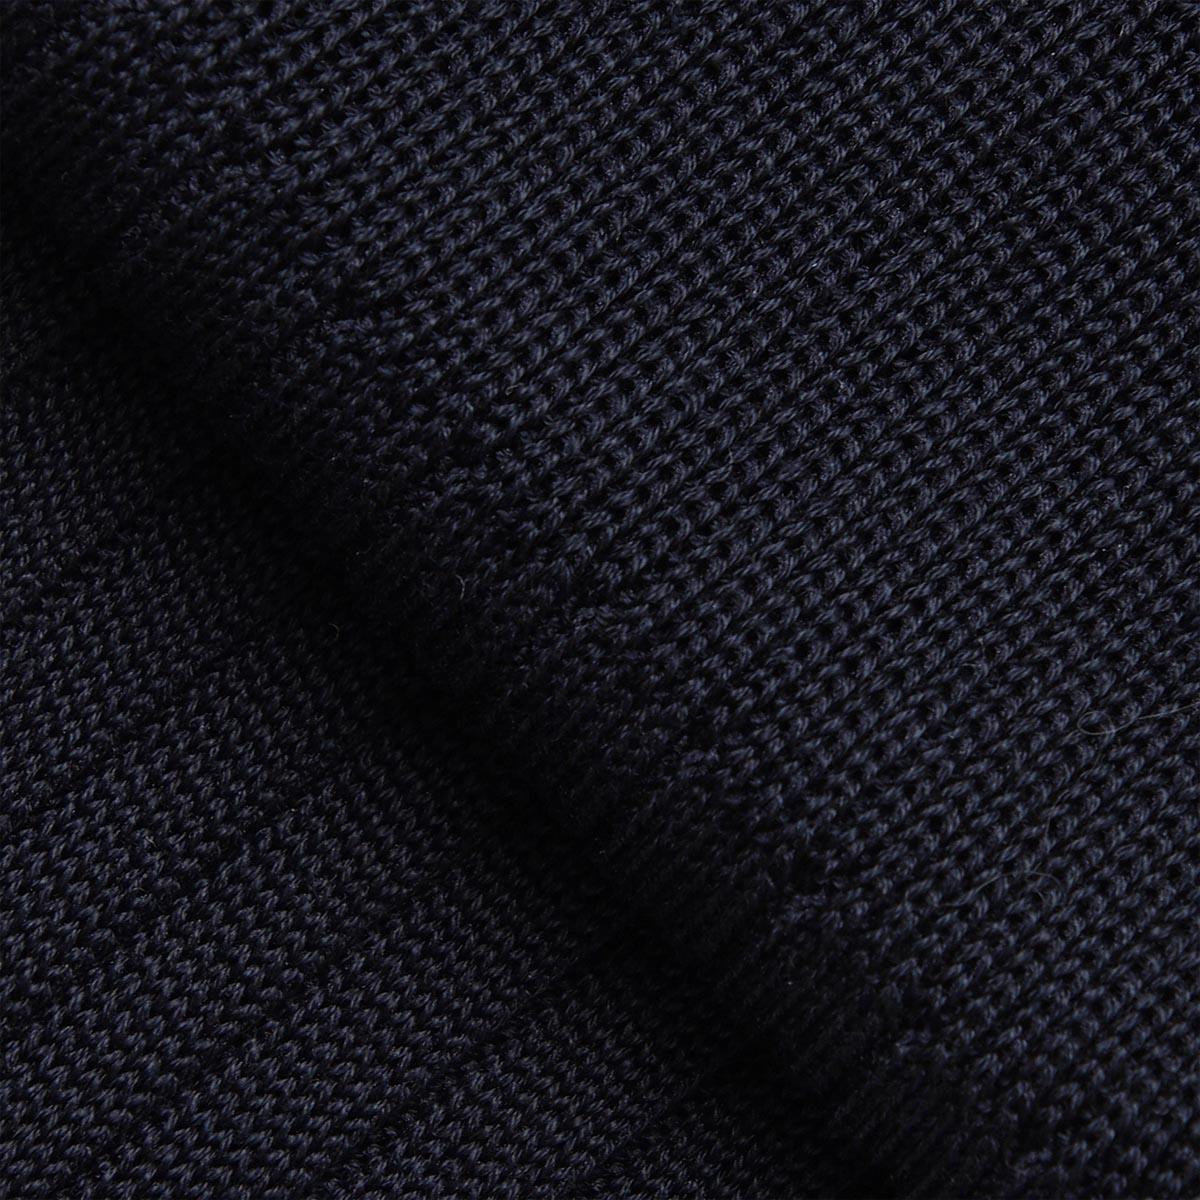 【ネコポス対応(2点まで)】HALISON ハリソン 靴下/ソックス/ロングホーズS 相当サイズ:23~24cm【返品交換不可】 メンズ